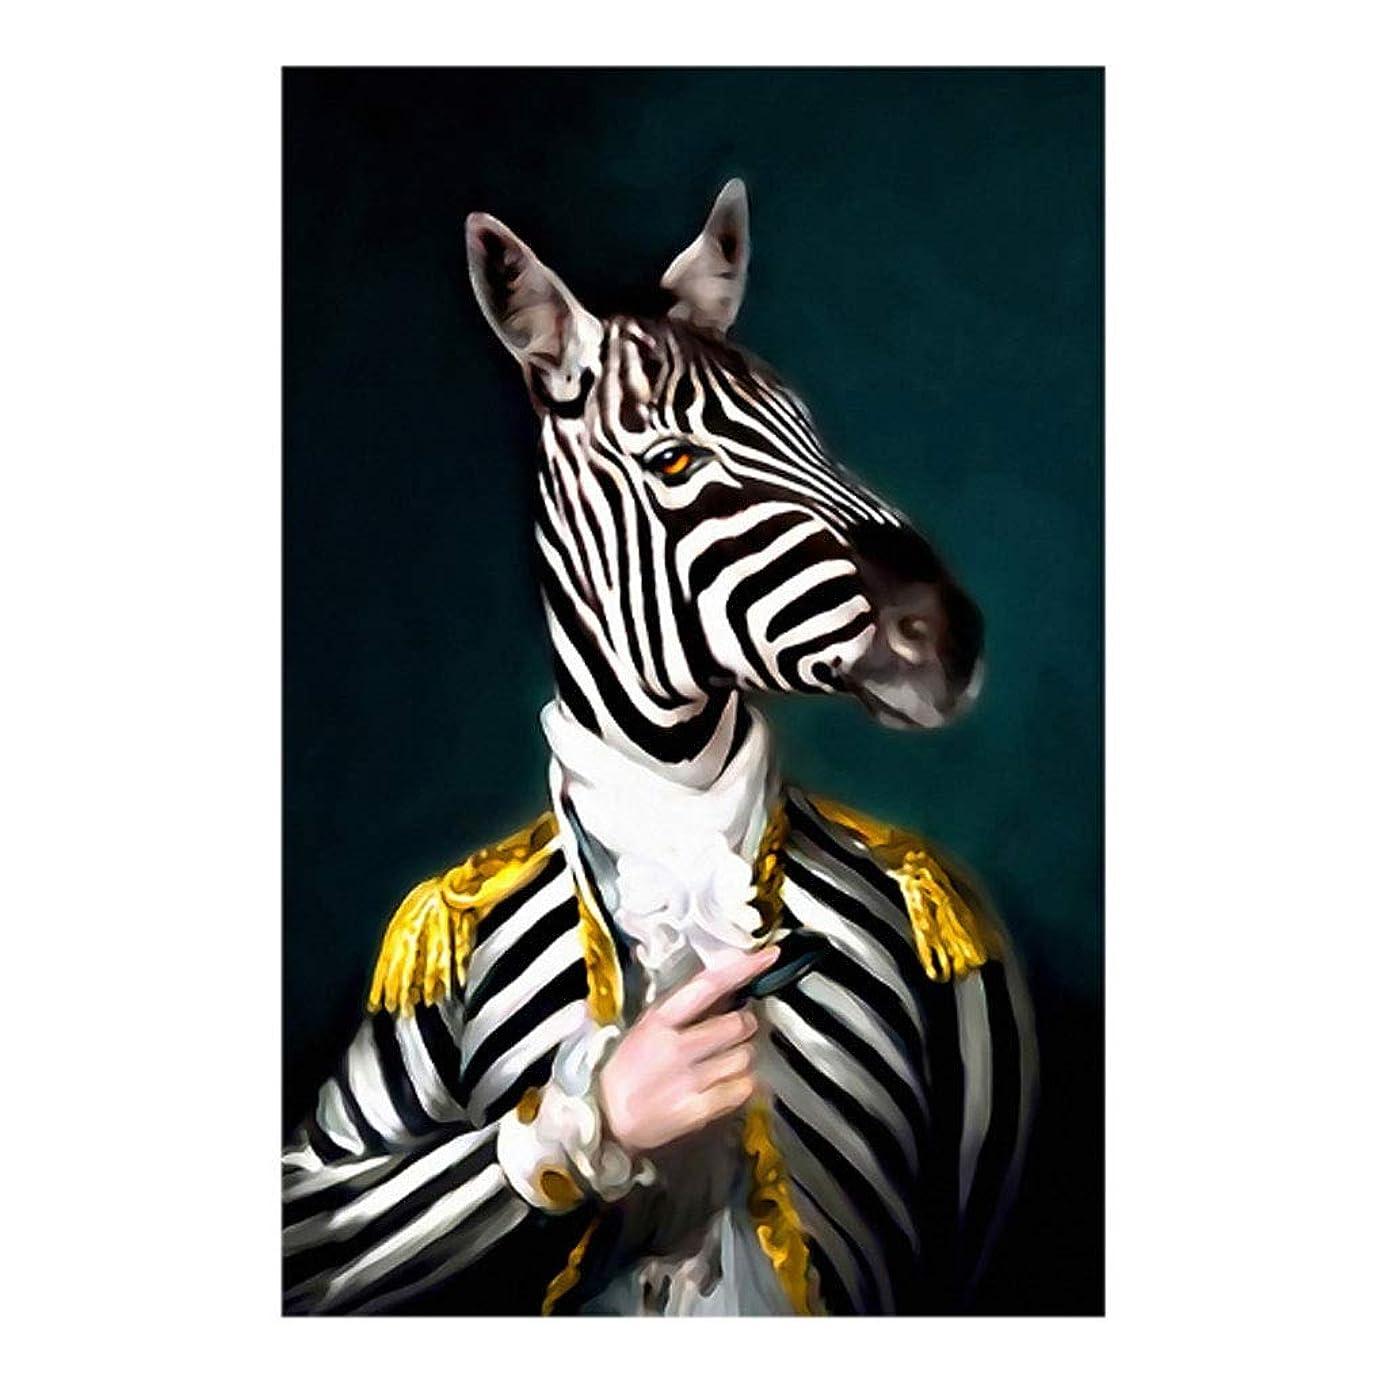 カーテンチケット有益なYANW アートプリントポスターキャンバス紳士動物装飾写真ゼブラムースライオン壁画寝室リビングルーム保育園壁画 (Color : 14, Size : 50*75cm)